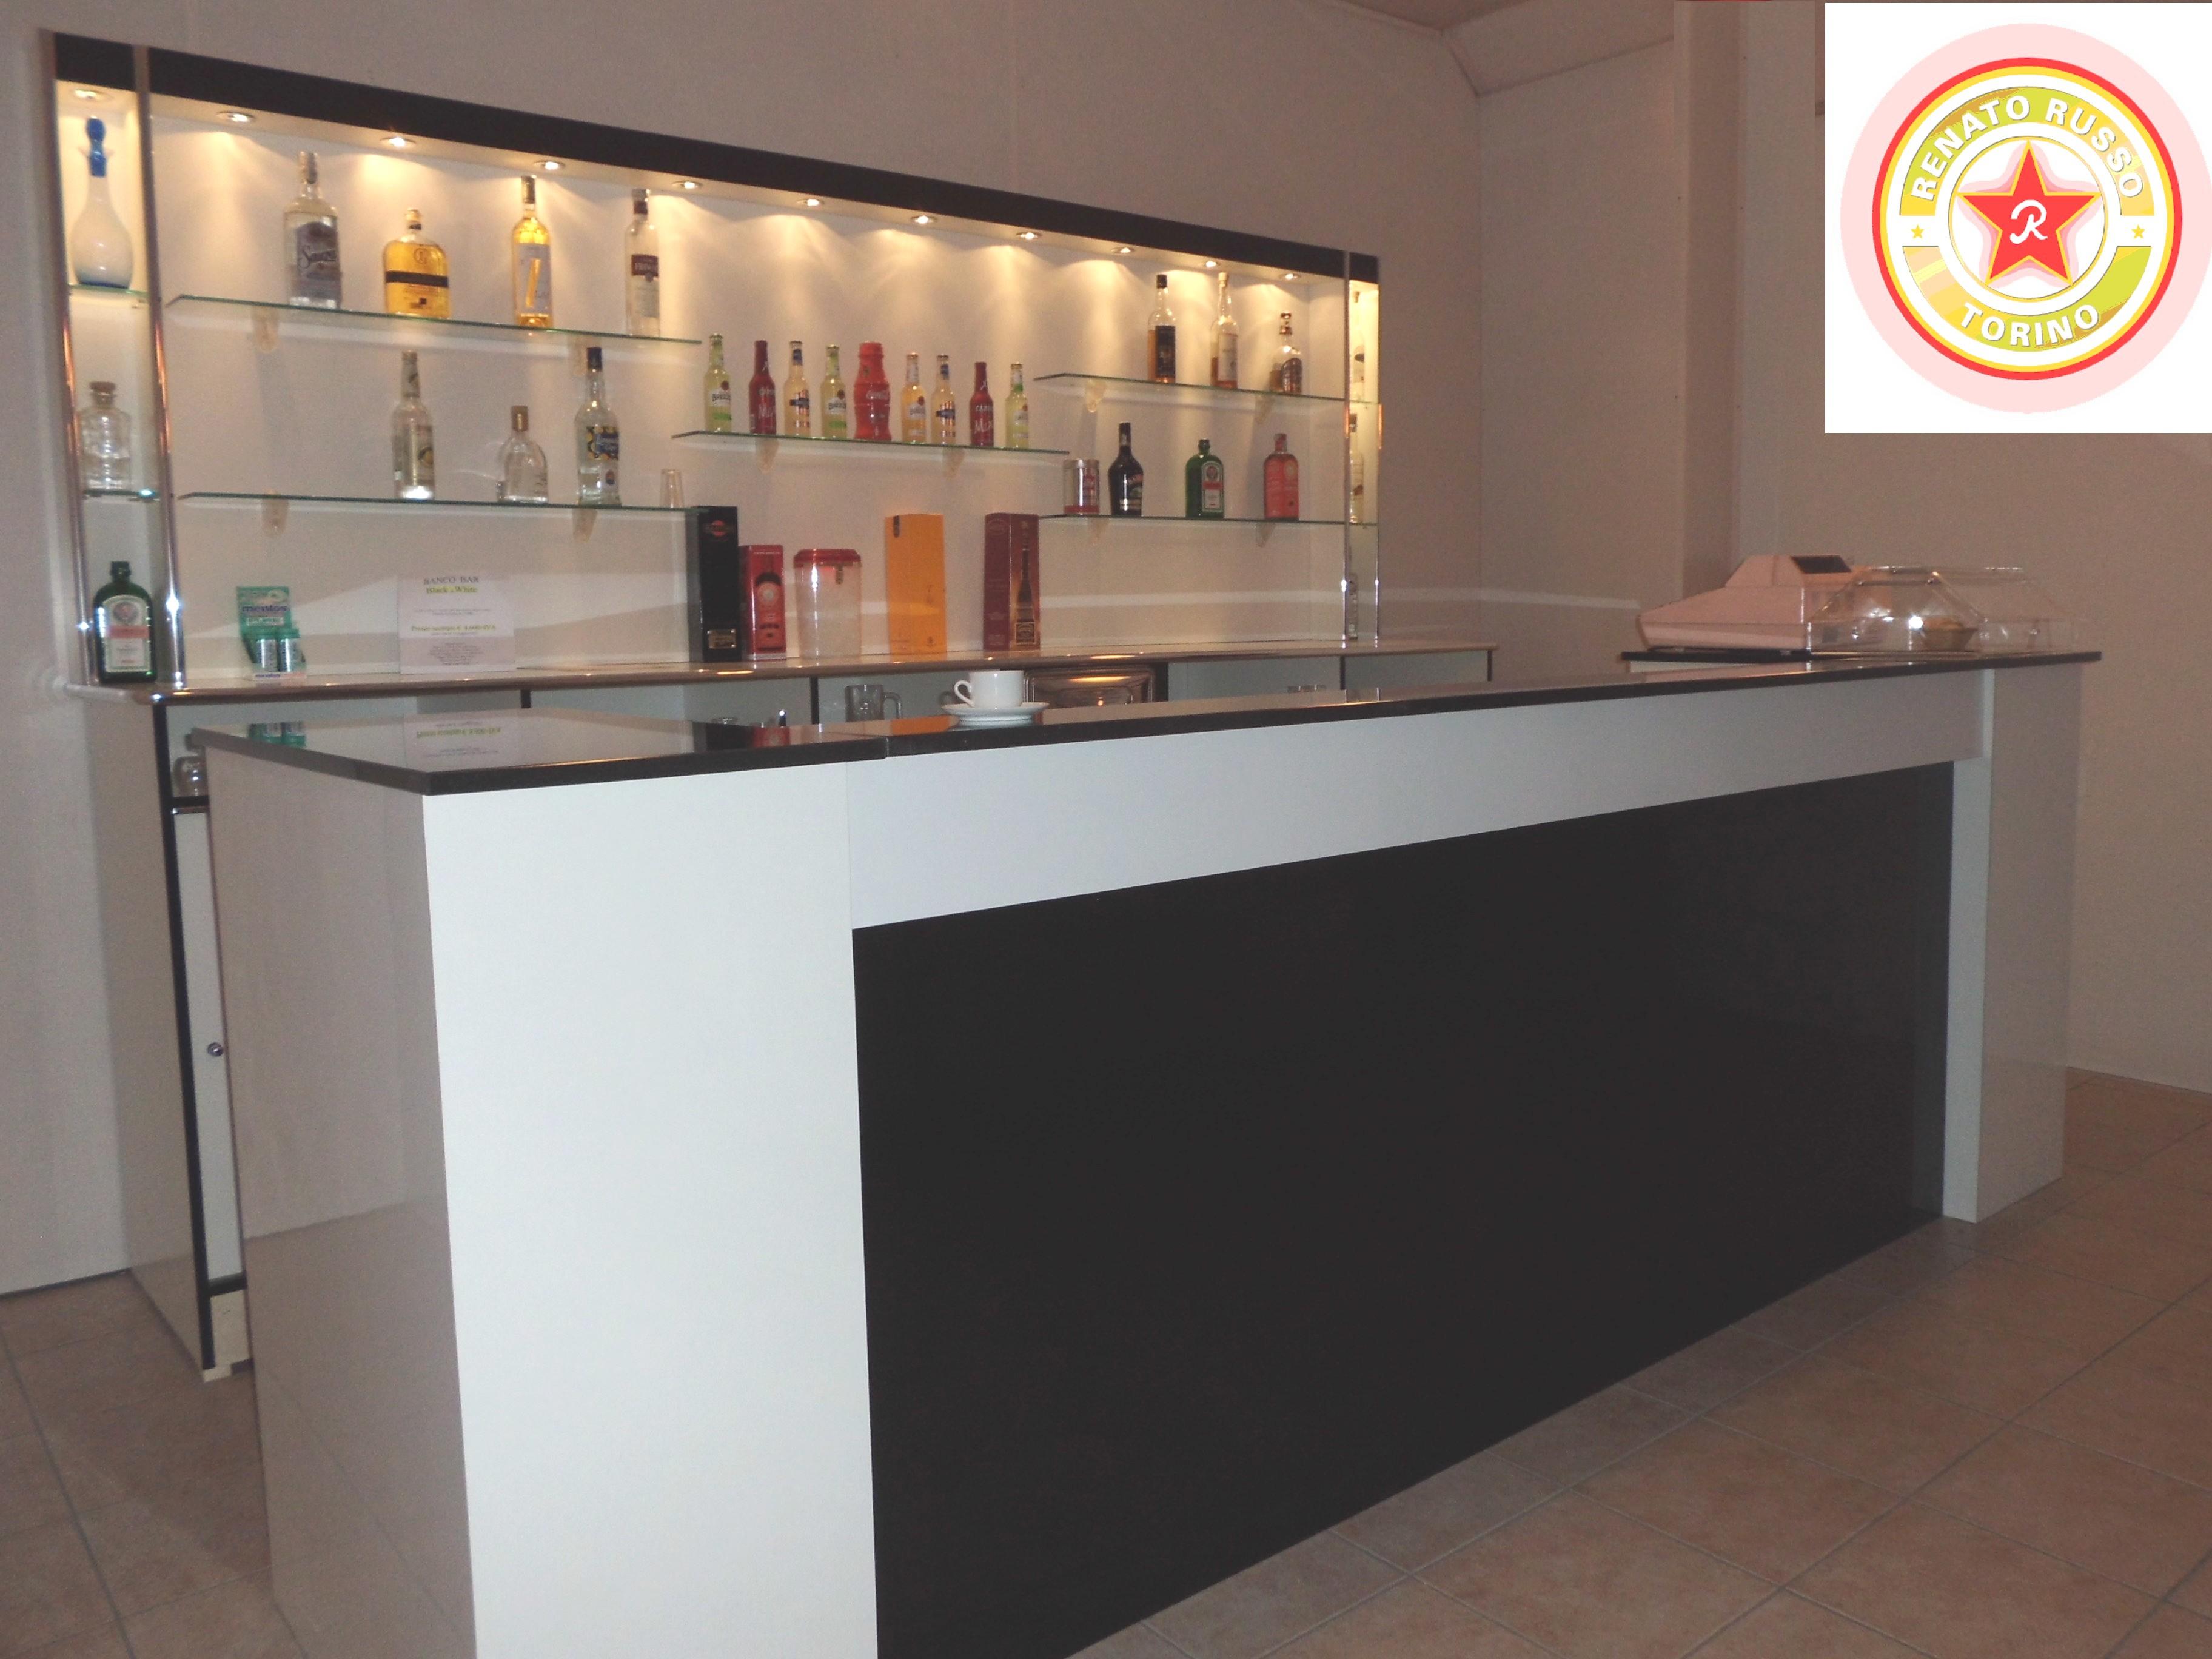 Produttori banchi bar dal 1980 renato russo torino for Renato russo arredamenti